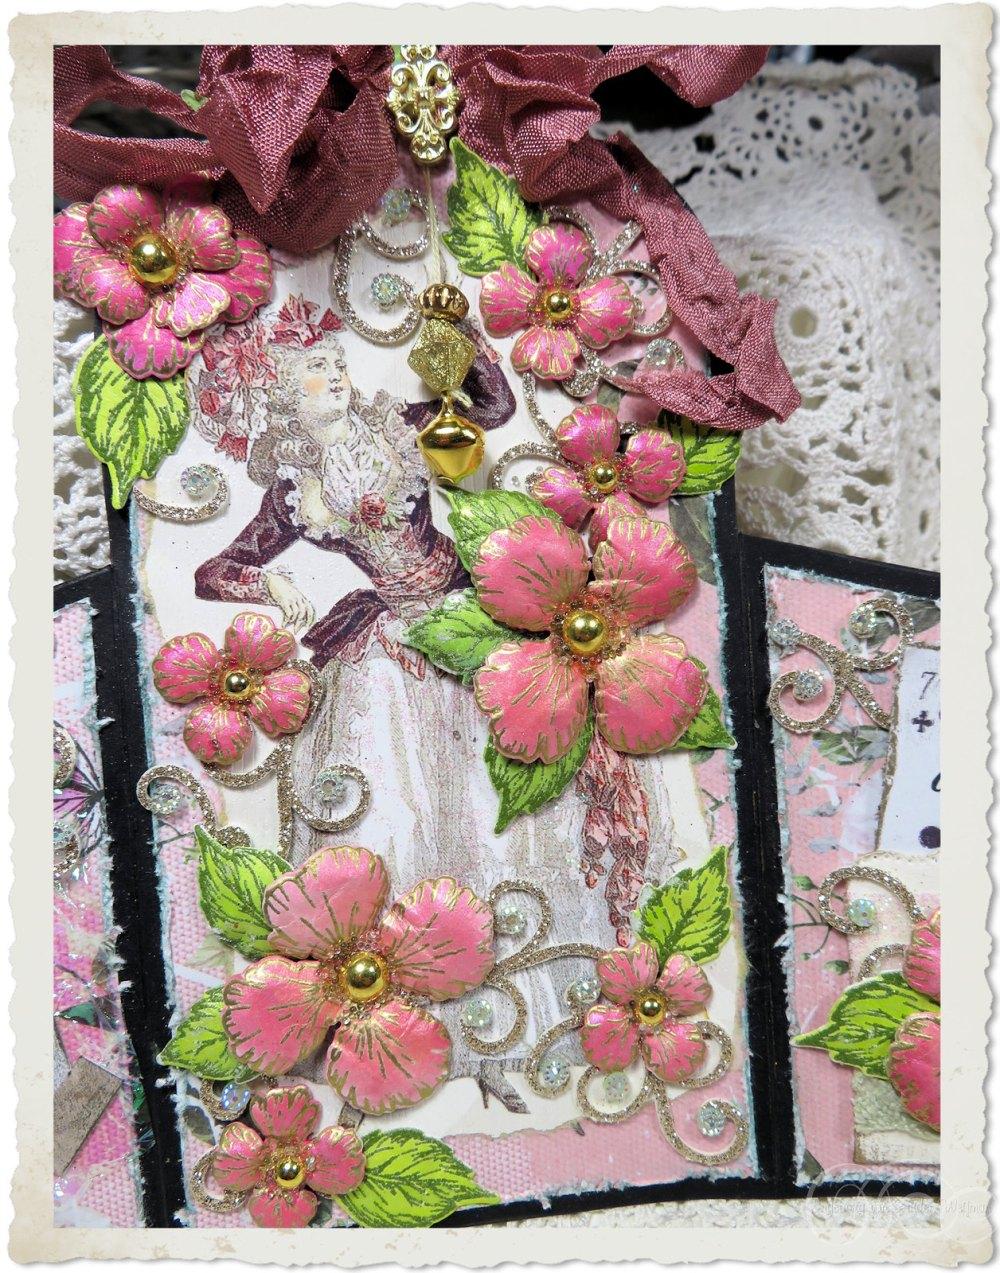 Details of handmade Marie card by Ingeborg van Zuiden